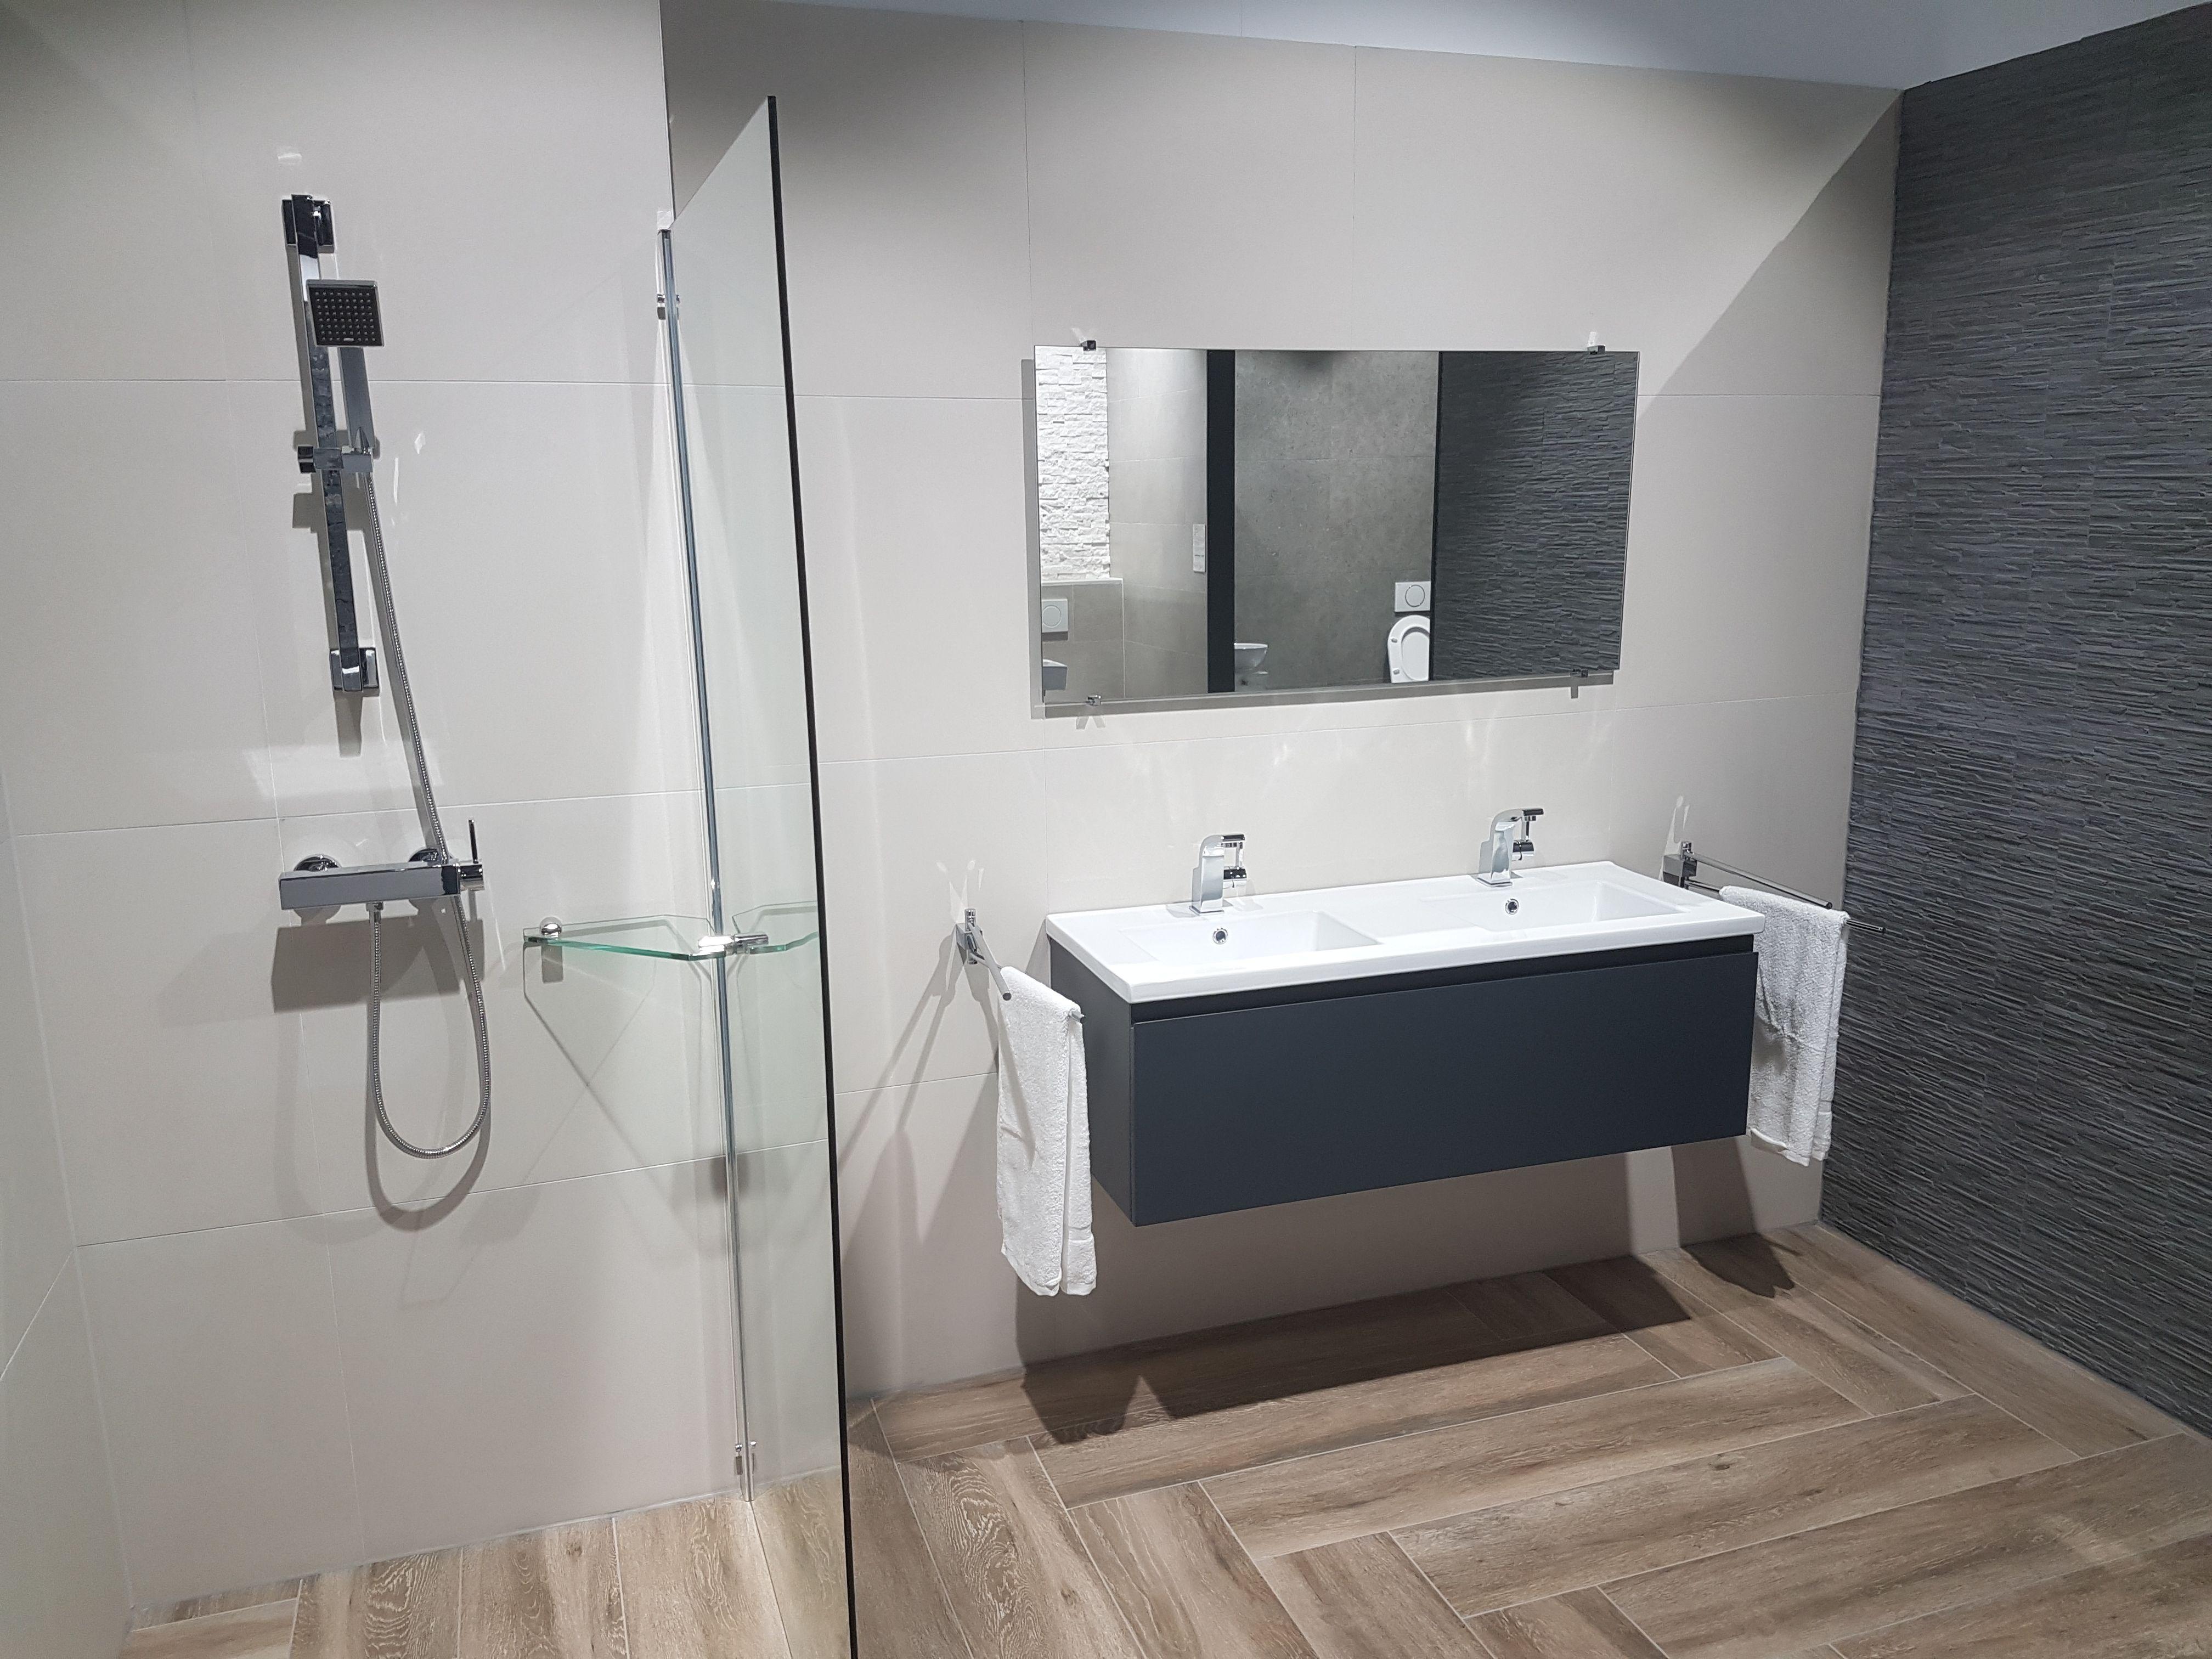 houtlook vloer badkamer ideeen inloopdouche antraciet